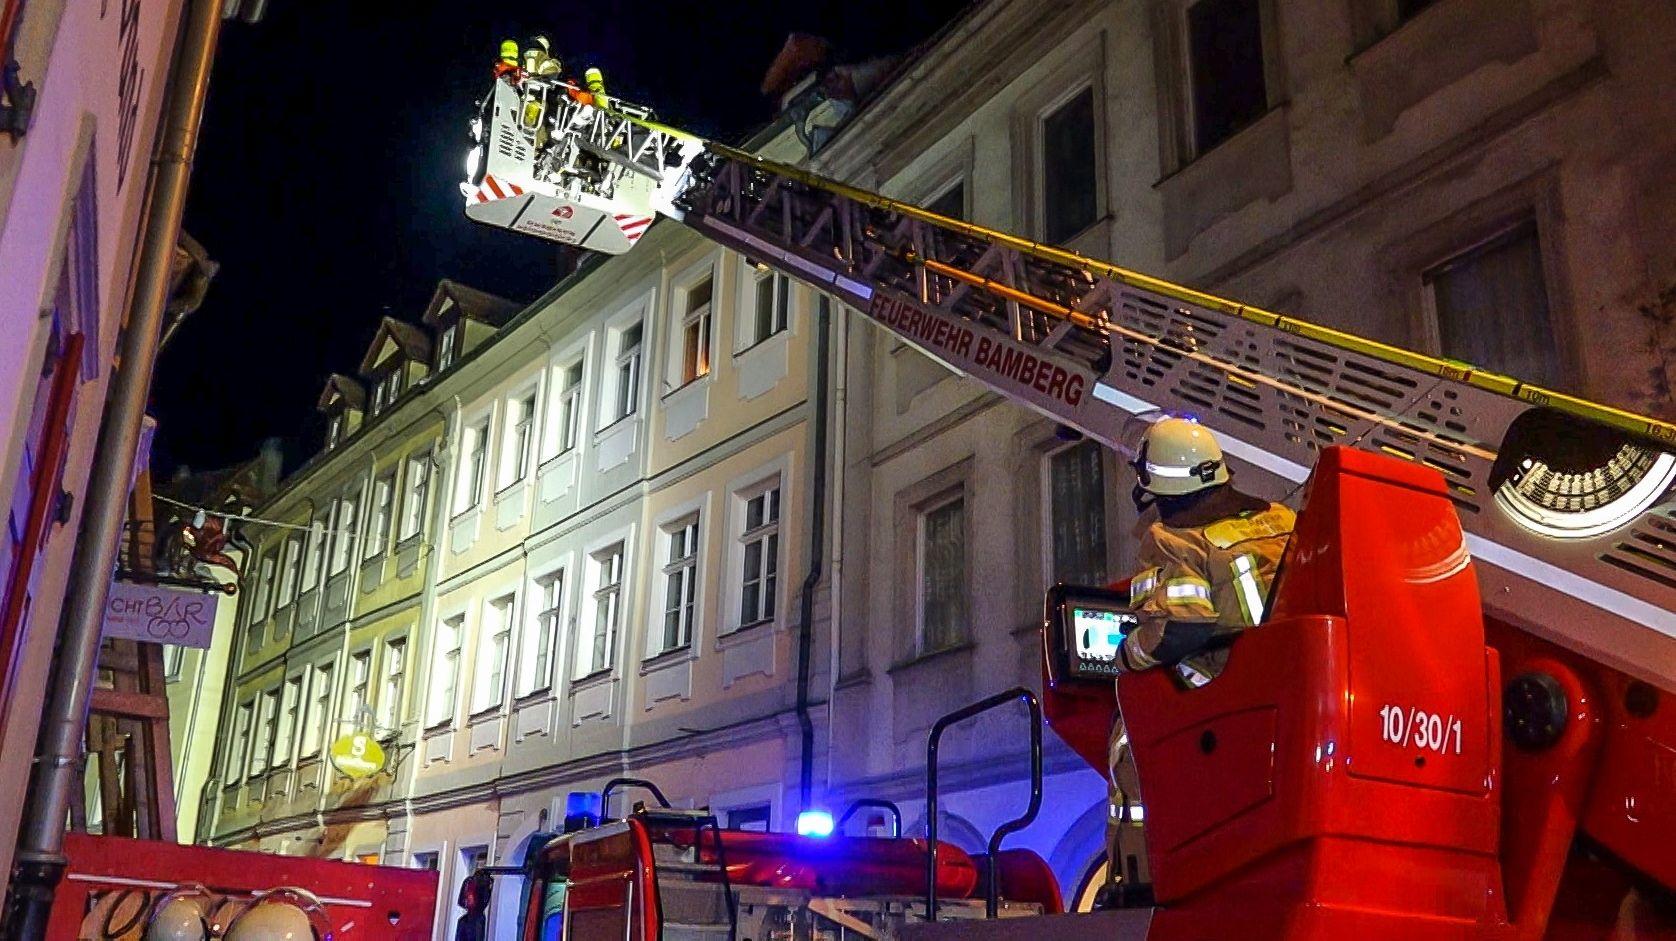 Feuerwehreinsatz in der Bamberger Sandstraße.